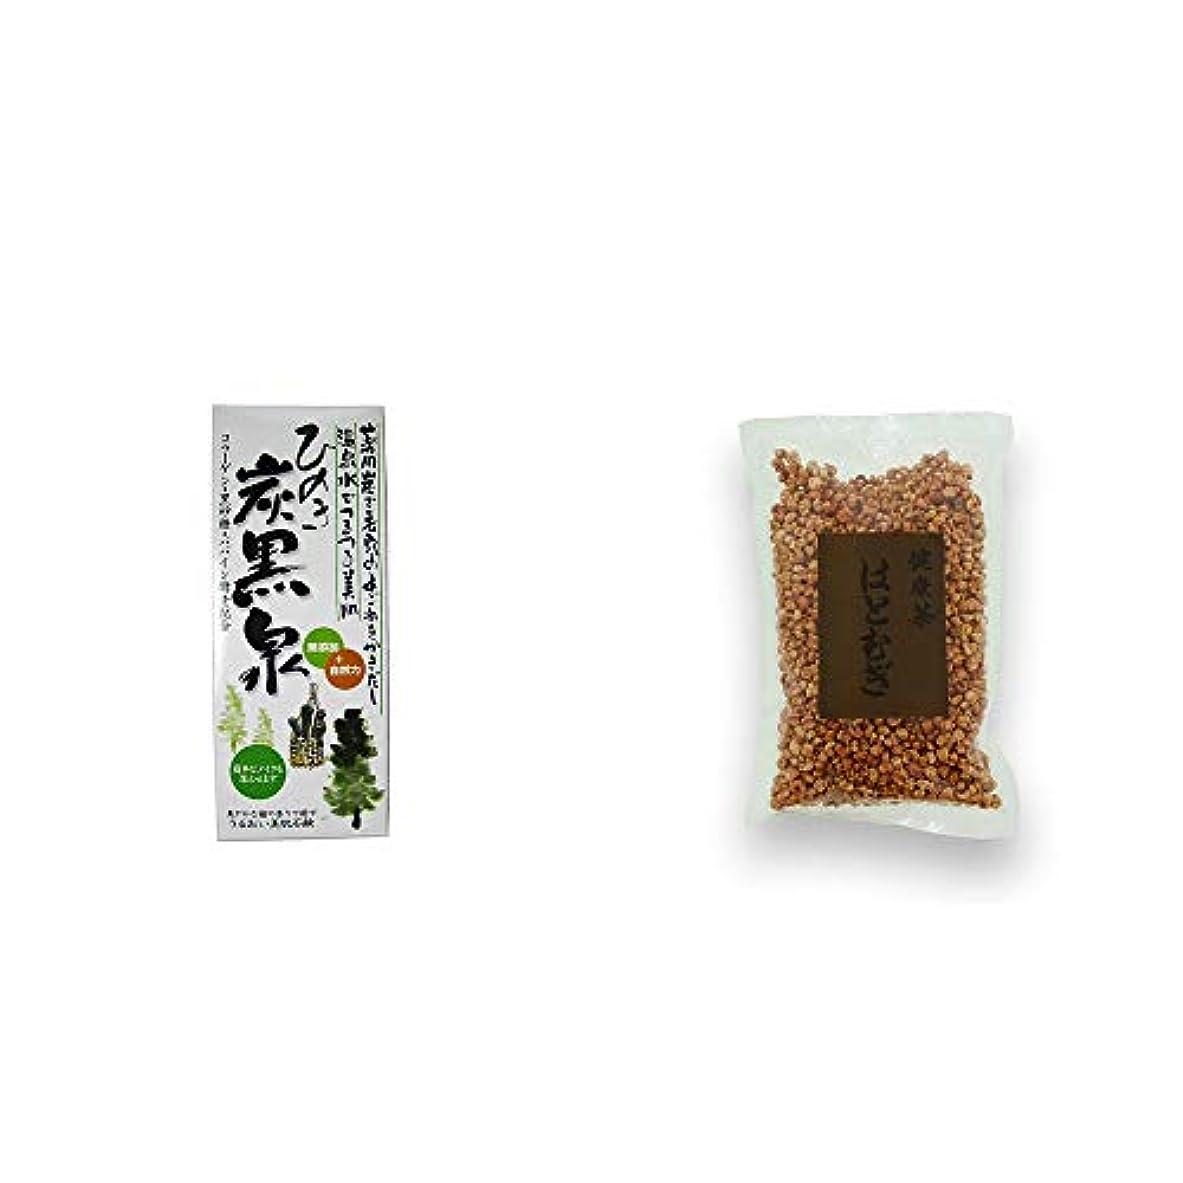 平和な右ルーフ[2点セット] ひのき炭黒泉 箱入り(75g×3)?健康茶 はとむぎ(200g)